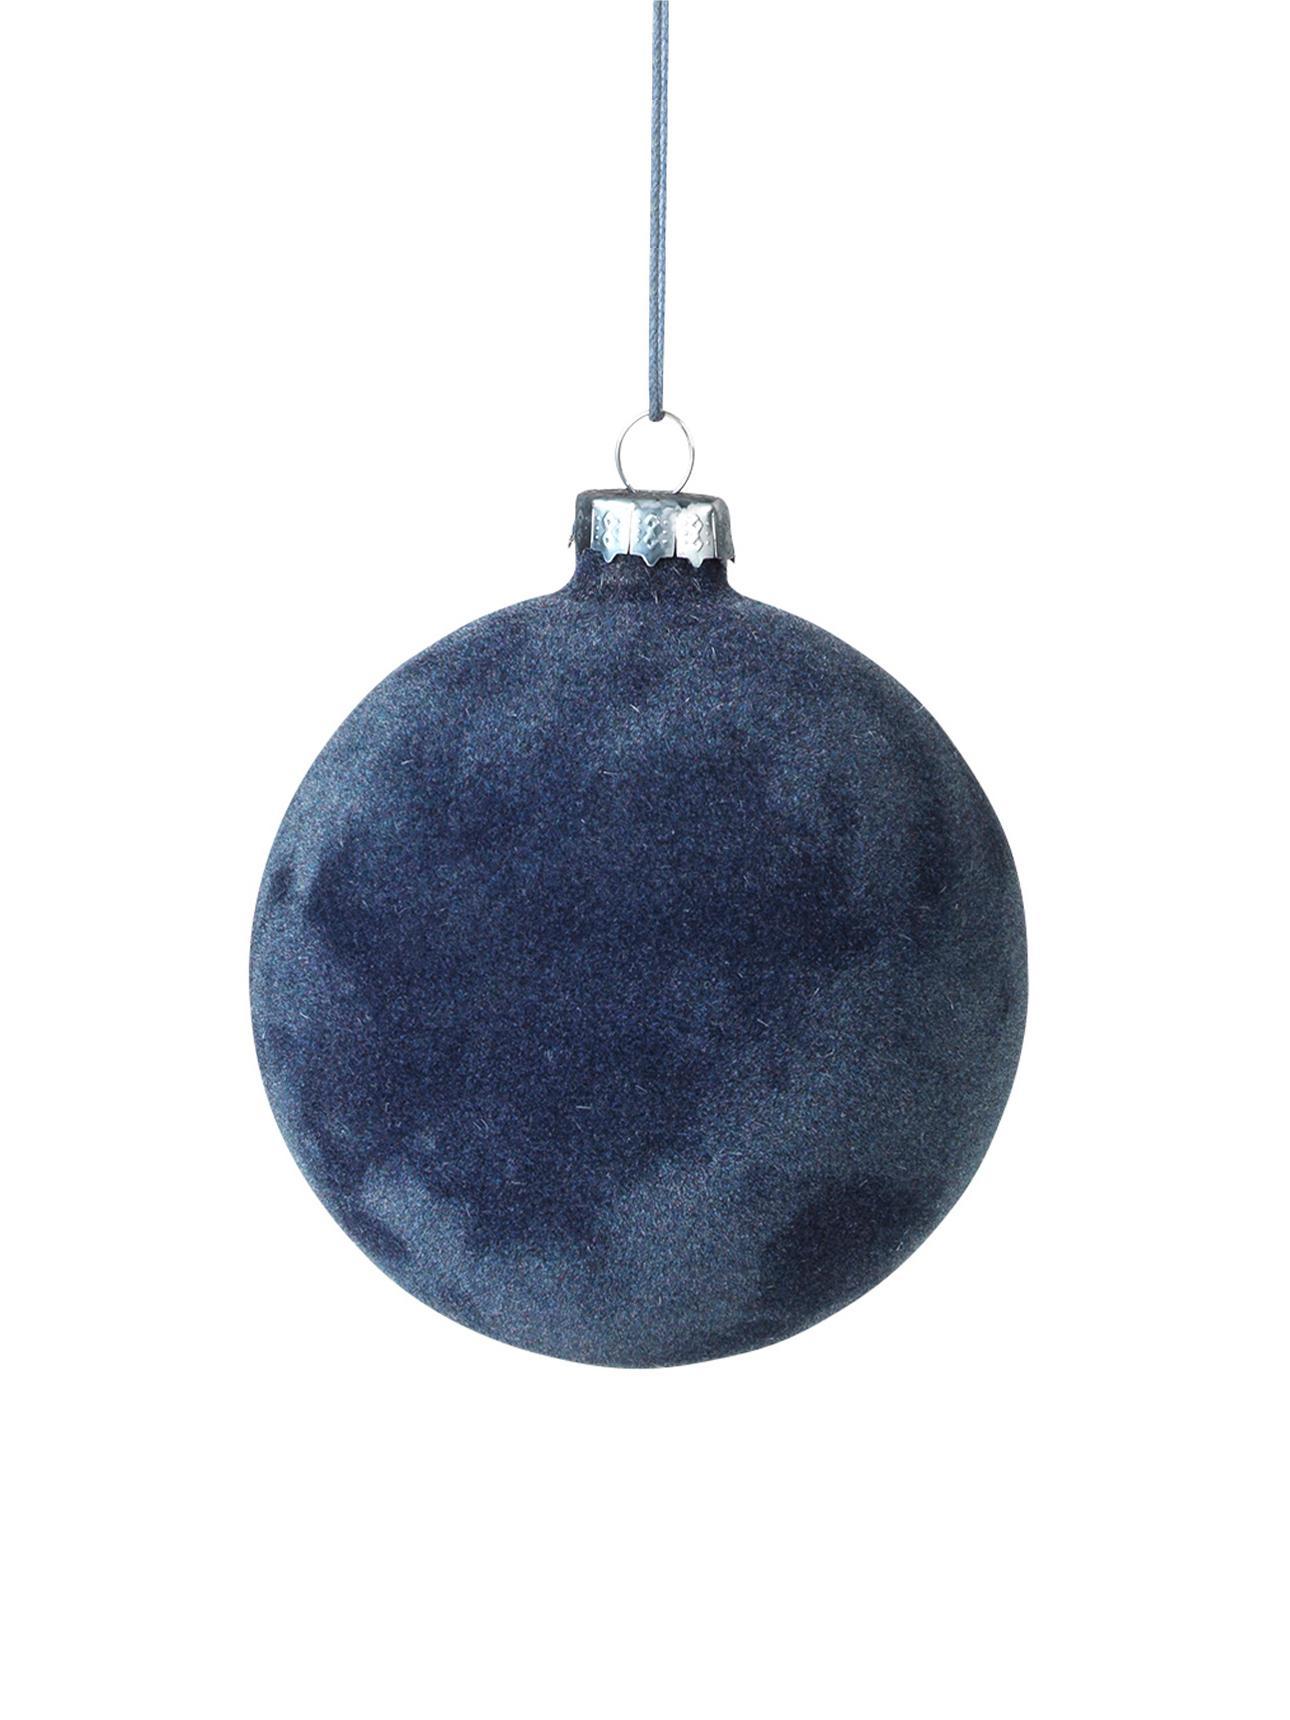 Bolas de Navidad Alcan, Ø10cm, 3uds., Vidrio, terciopelo de poliéster, Azul oscuro, Ø 10 cm